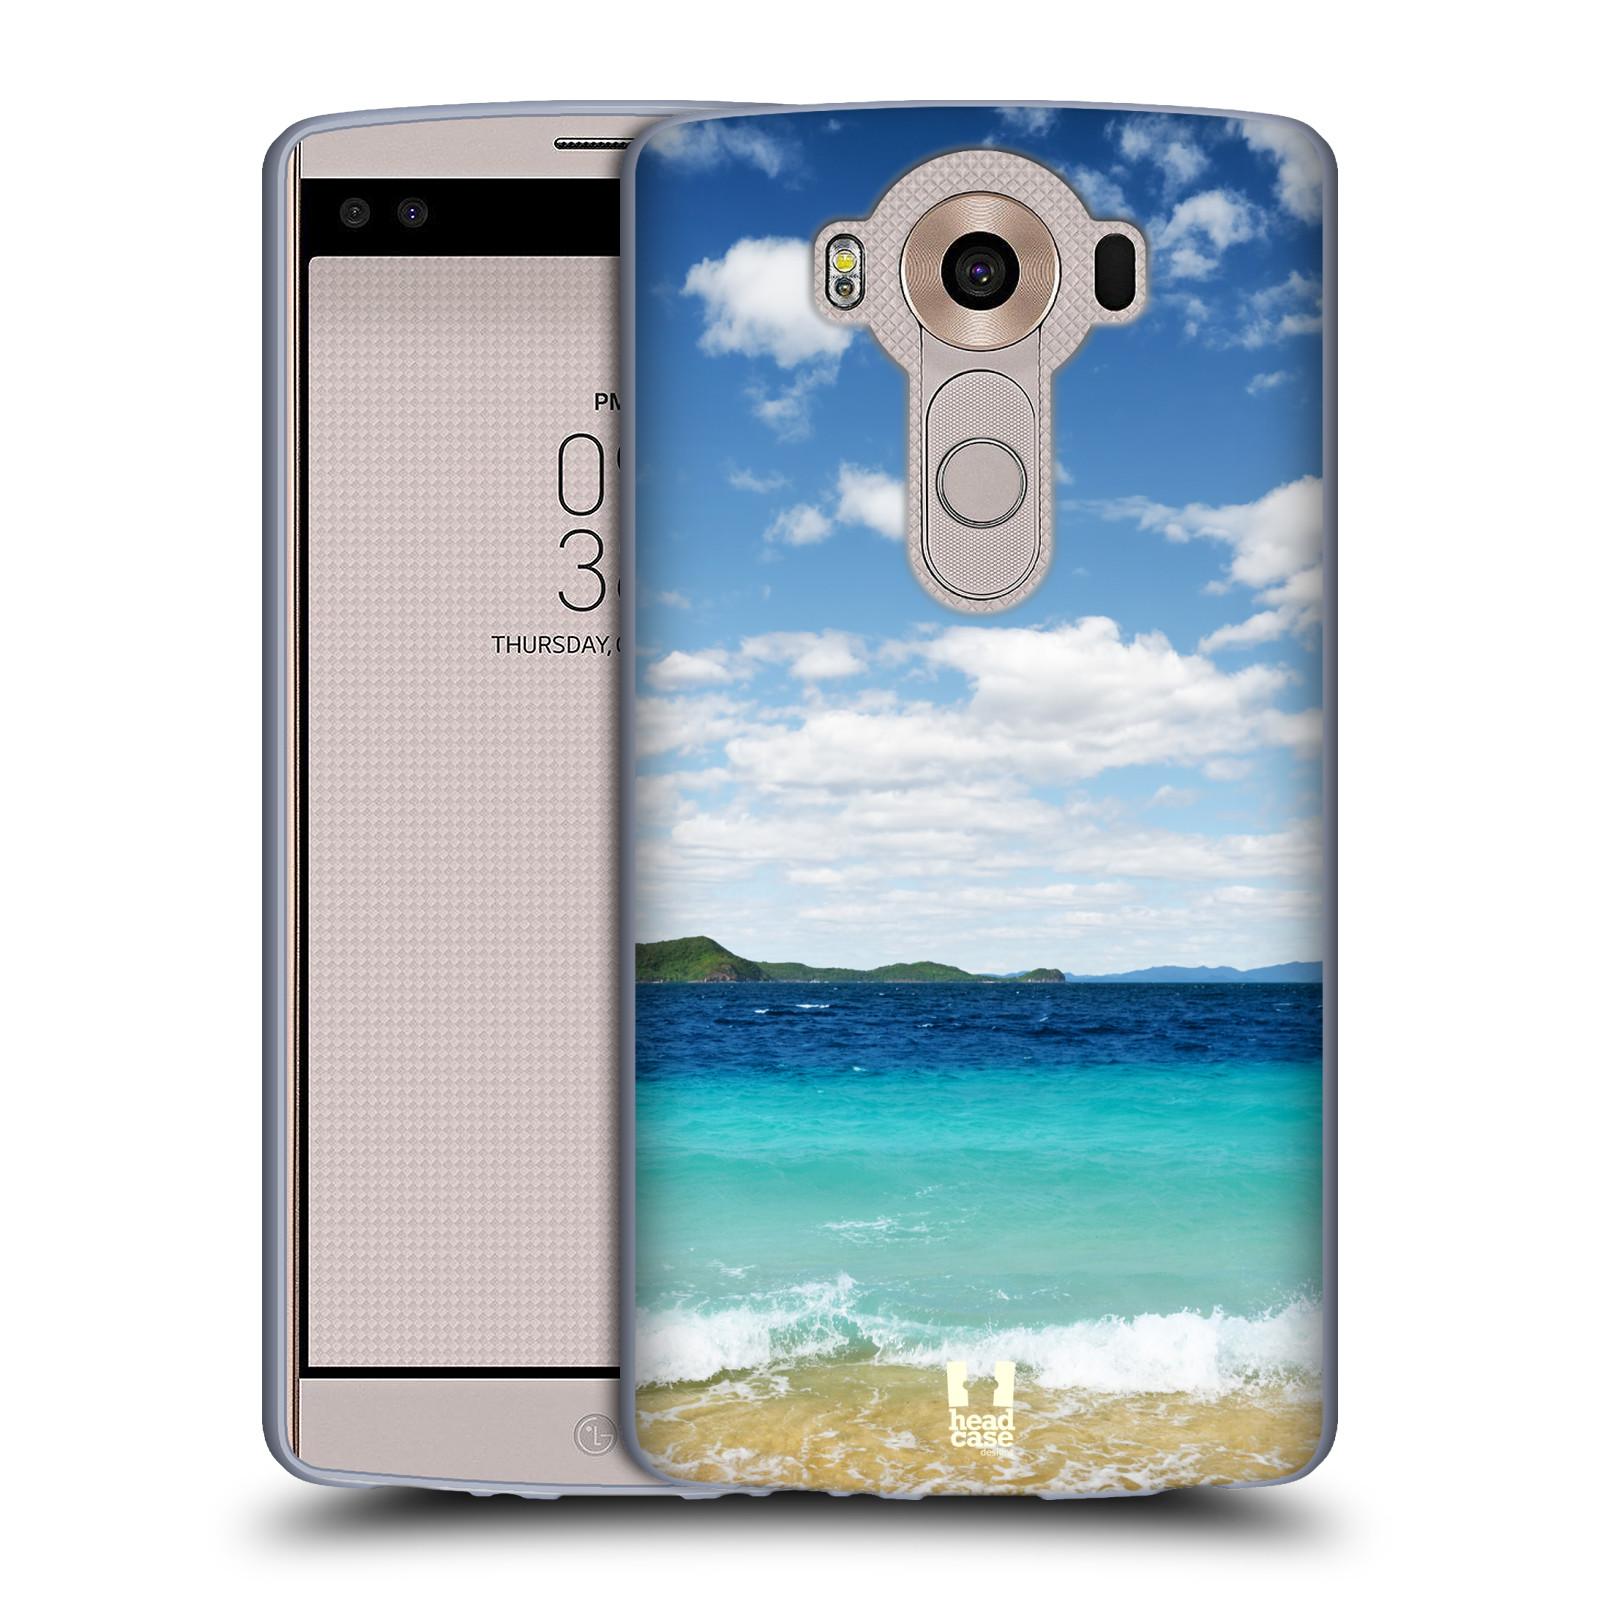 HEAD CASE silikonový obal na mobil LG V10 (H960A) vzor Pláže a Moře VZDÁLENÝ OSTROV